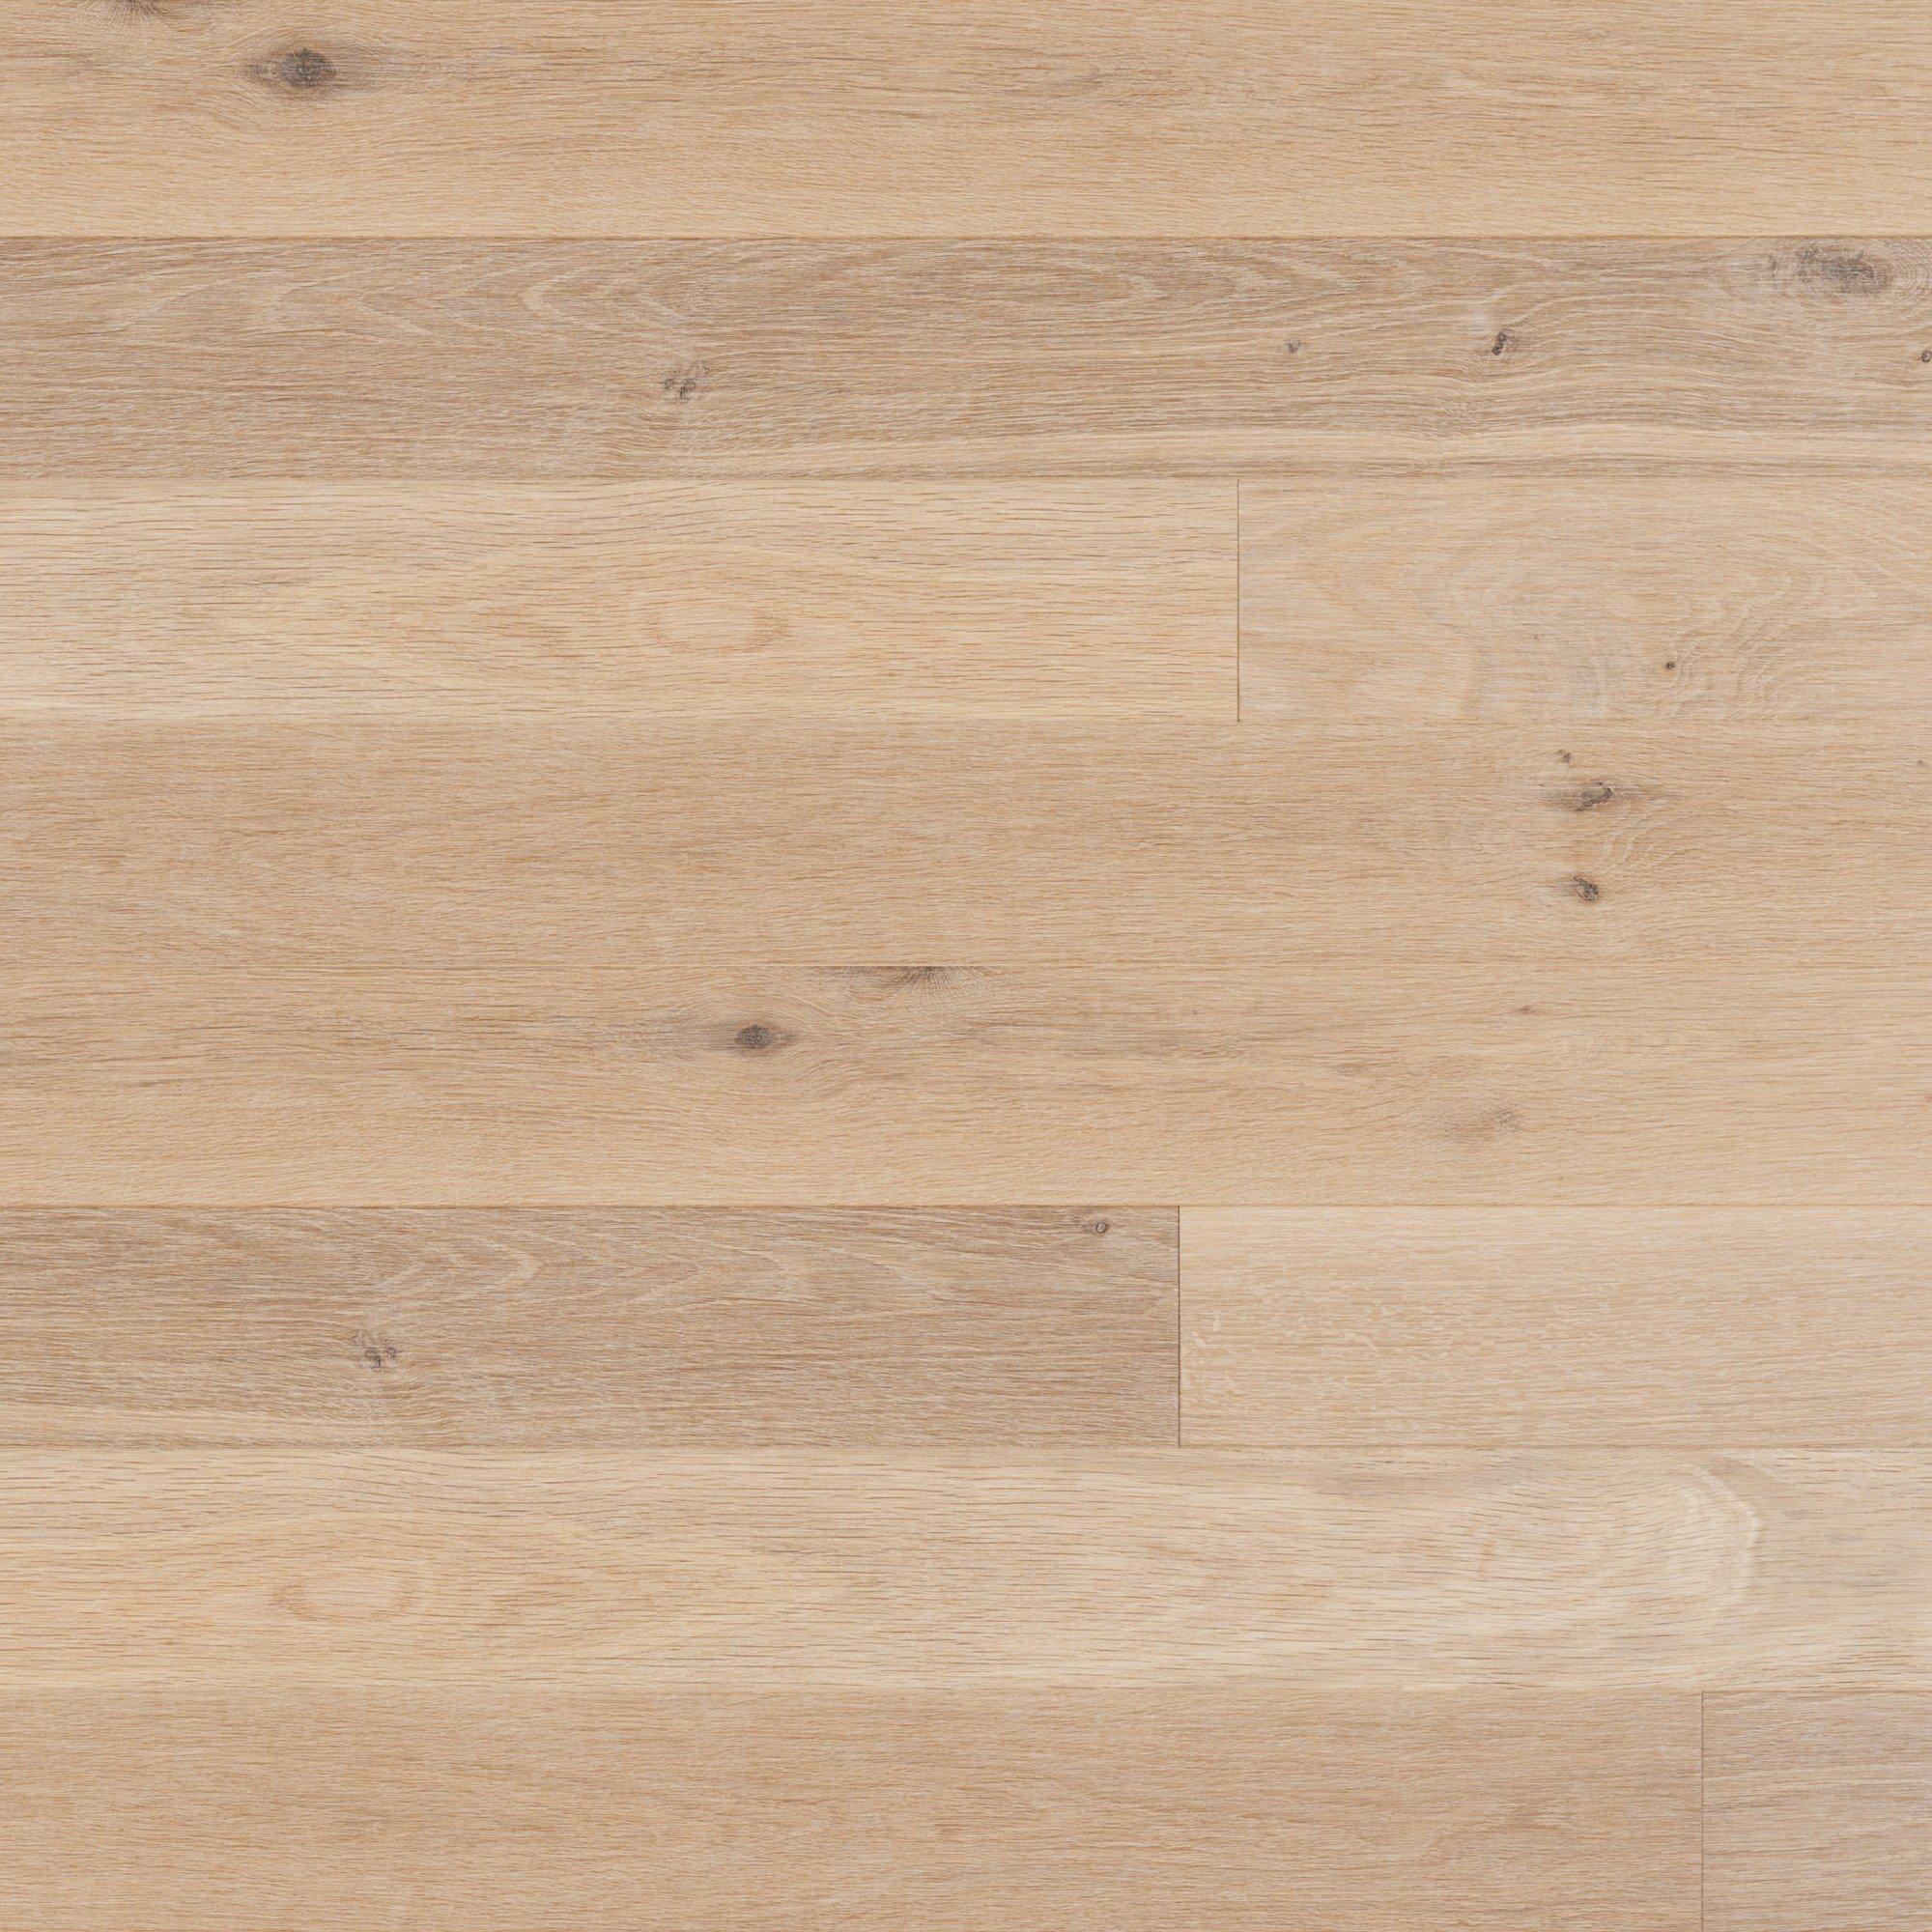 Chêne blanc Carousel Caractère Brossé - Image plancher